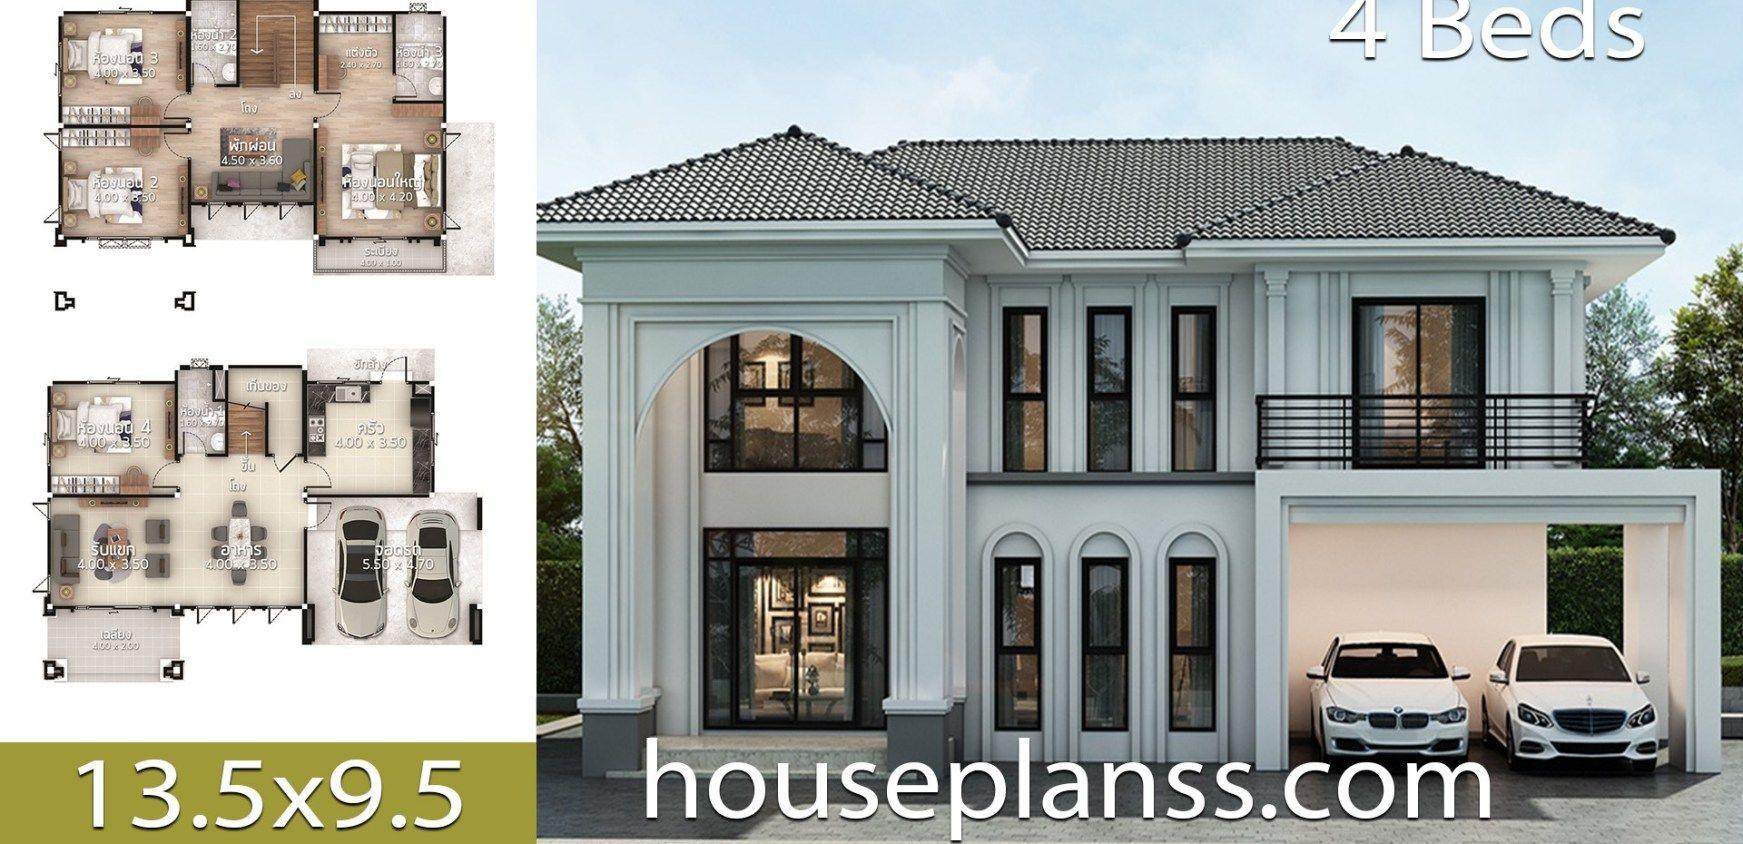 House Plans Design Idea 13 5x9 5 With 4 Bedrooms Home Building Design Bungalow House Design Village House Design